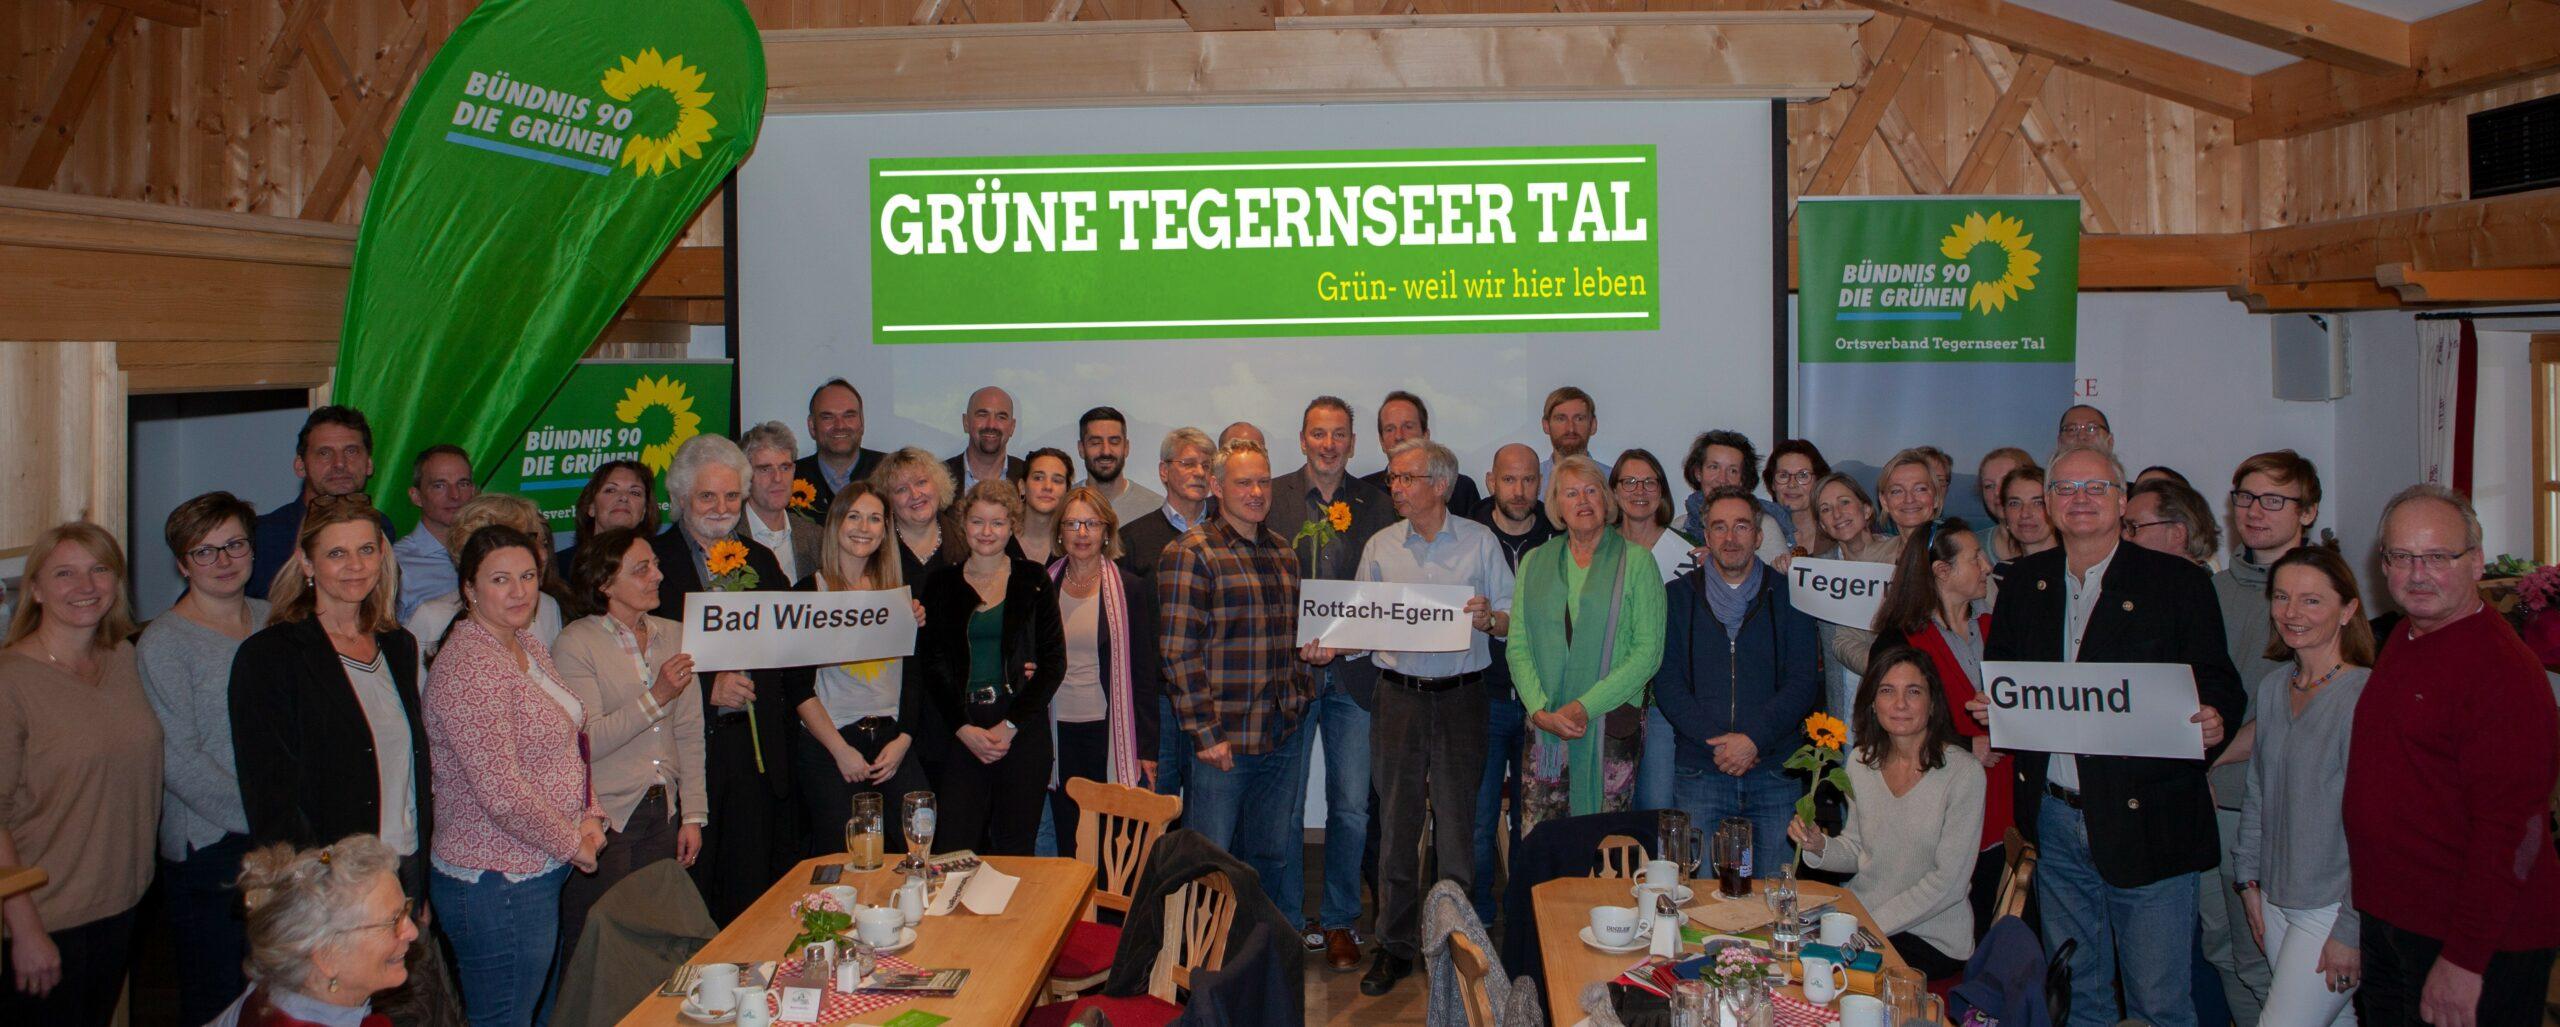 """Grüne präsentieren ihr """"Team Tegernseer Tal"""" und talweites Wahlprogramm"""